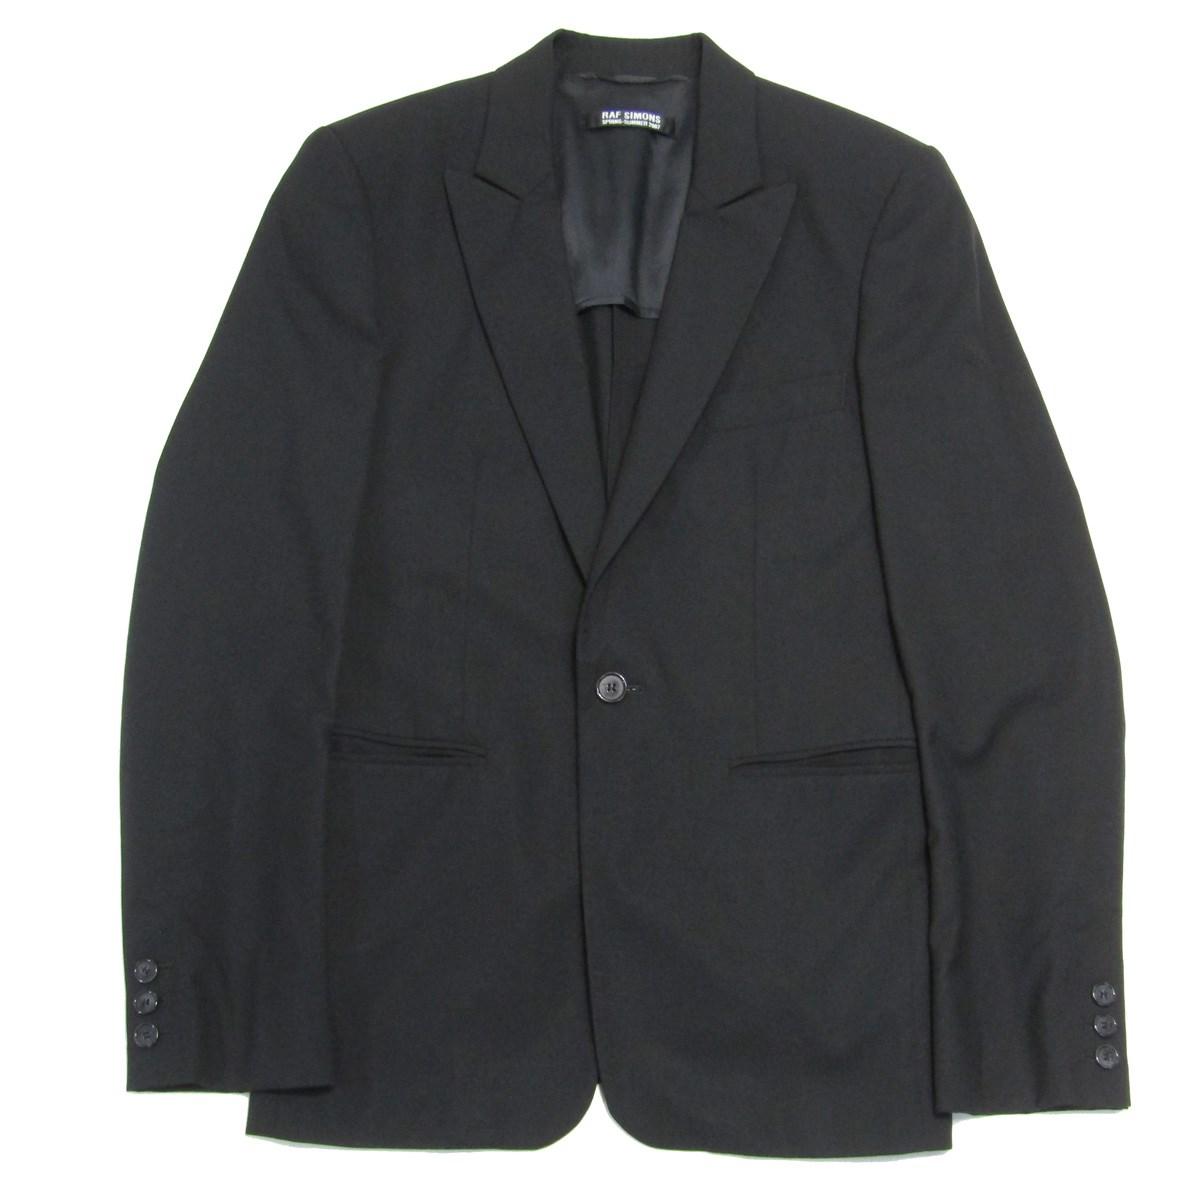 【中古】RAF SIMONS 2007SS テーラードジャケット ブラック サイズ:44 【010520】(ラフシモンズ)